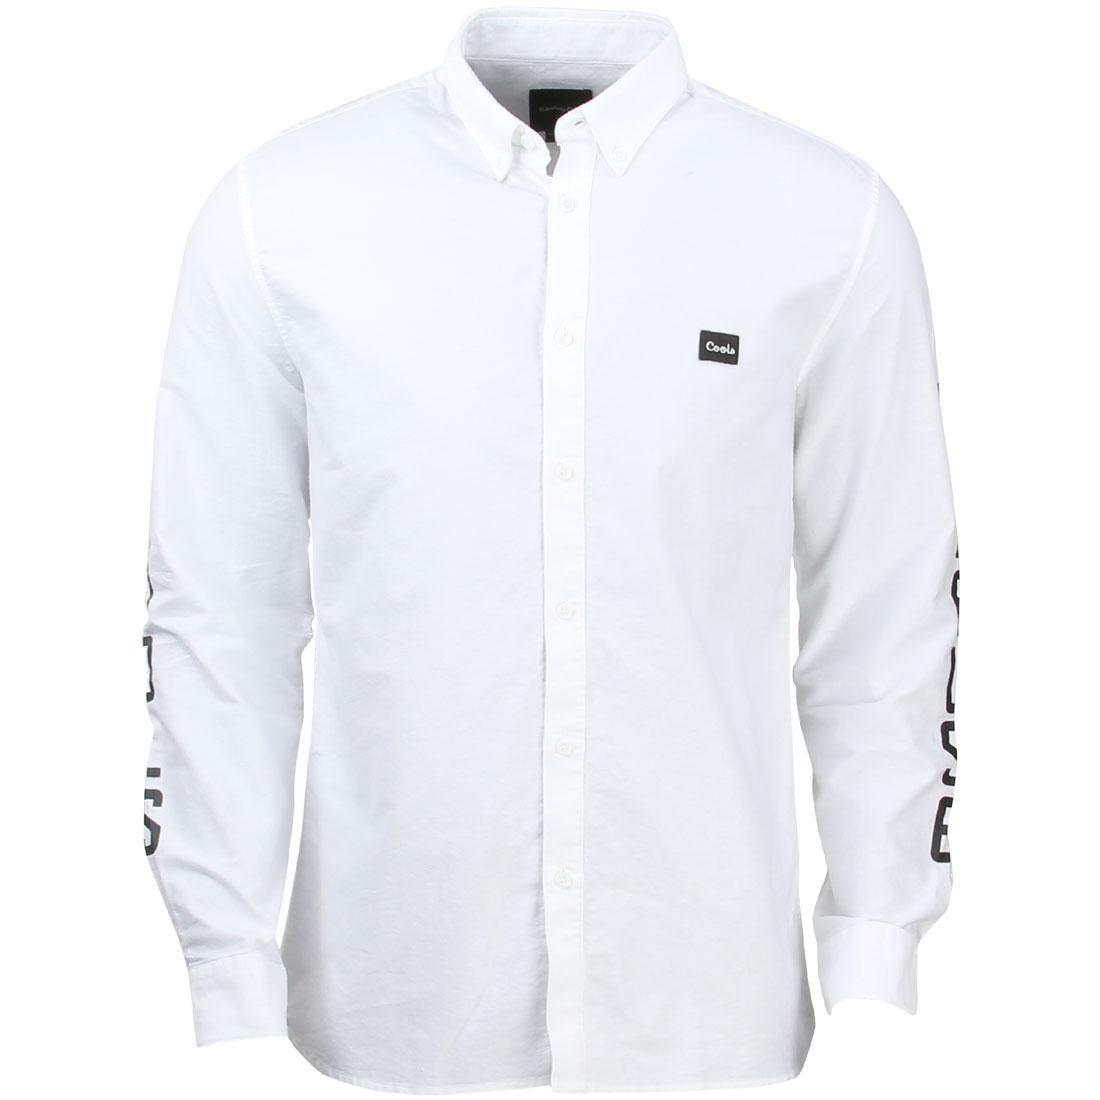 Barney Cools Men OE Long Sleeve Shirt (white)